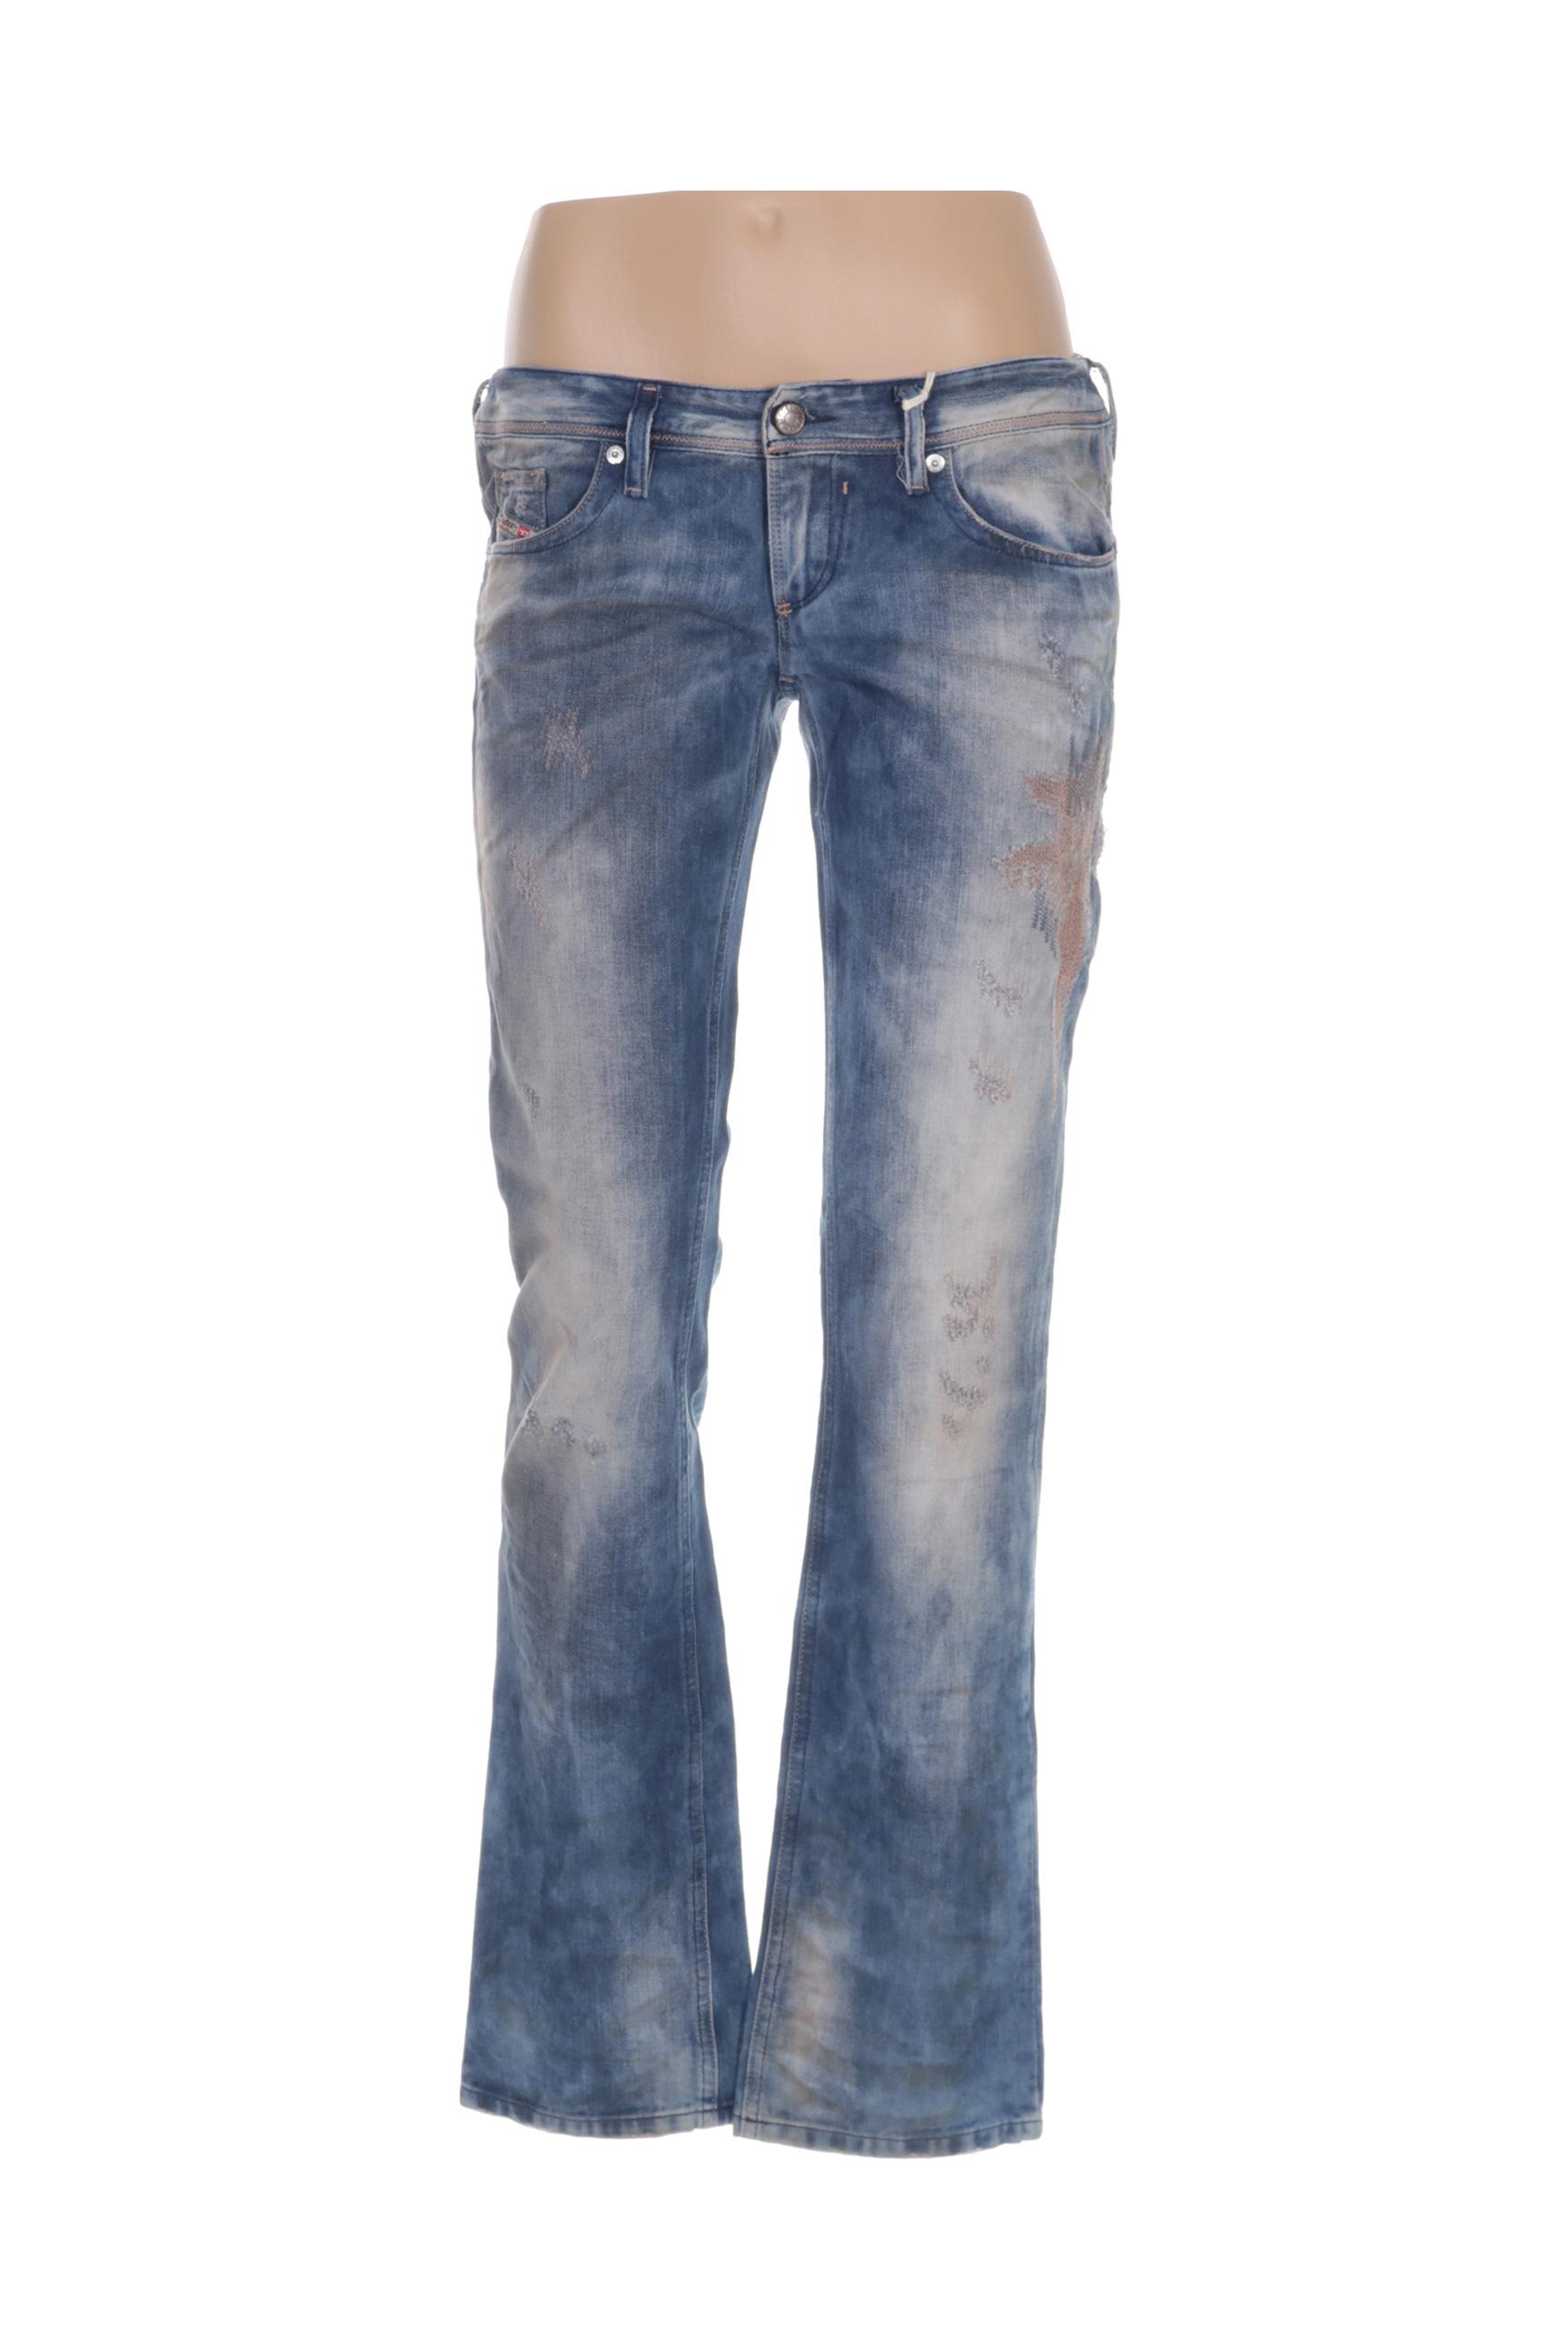 Diesel Jeans Coupe Droite Femme De Couleur Bleu En Soldes Pas Cher 1284430-bleu00 - Modz